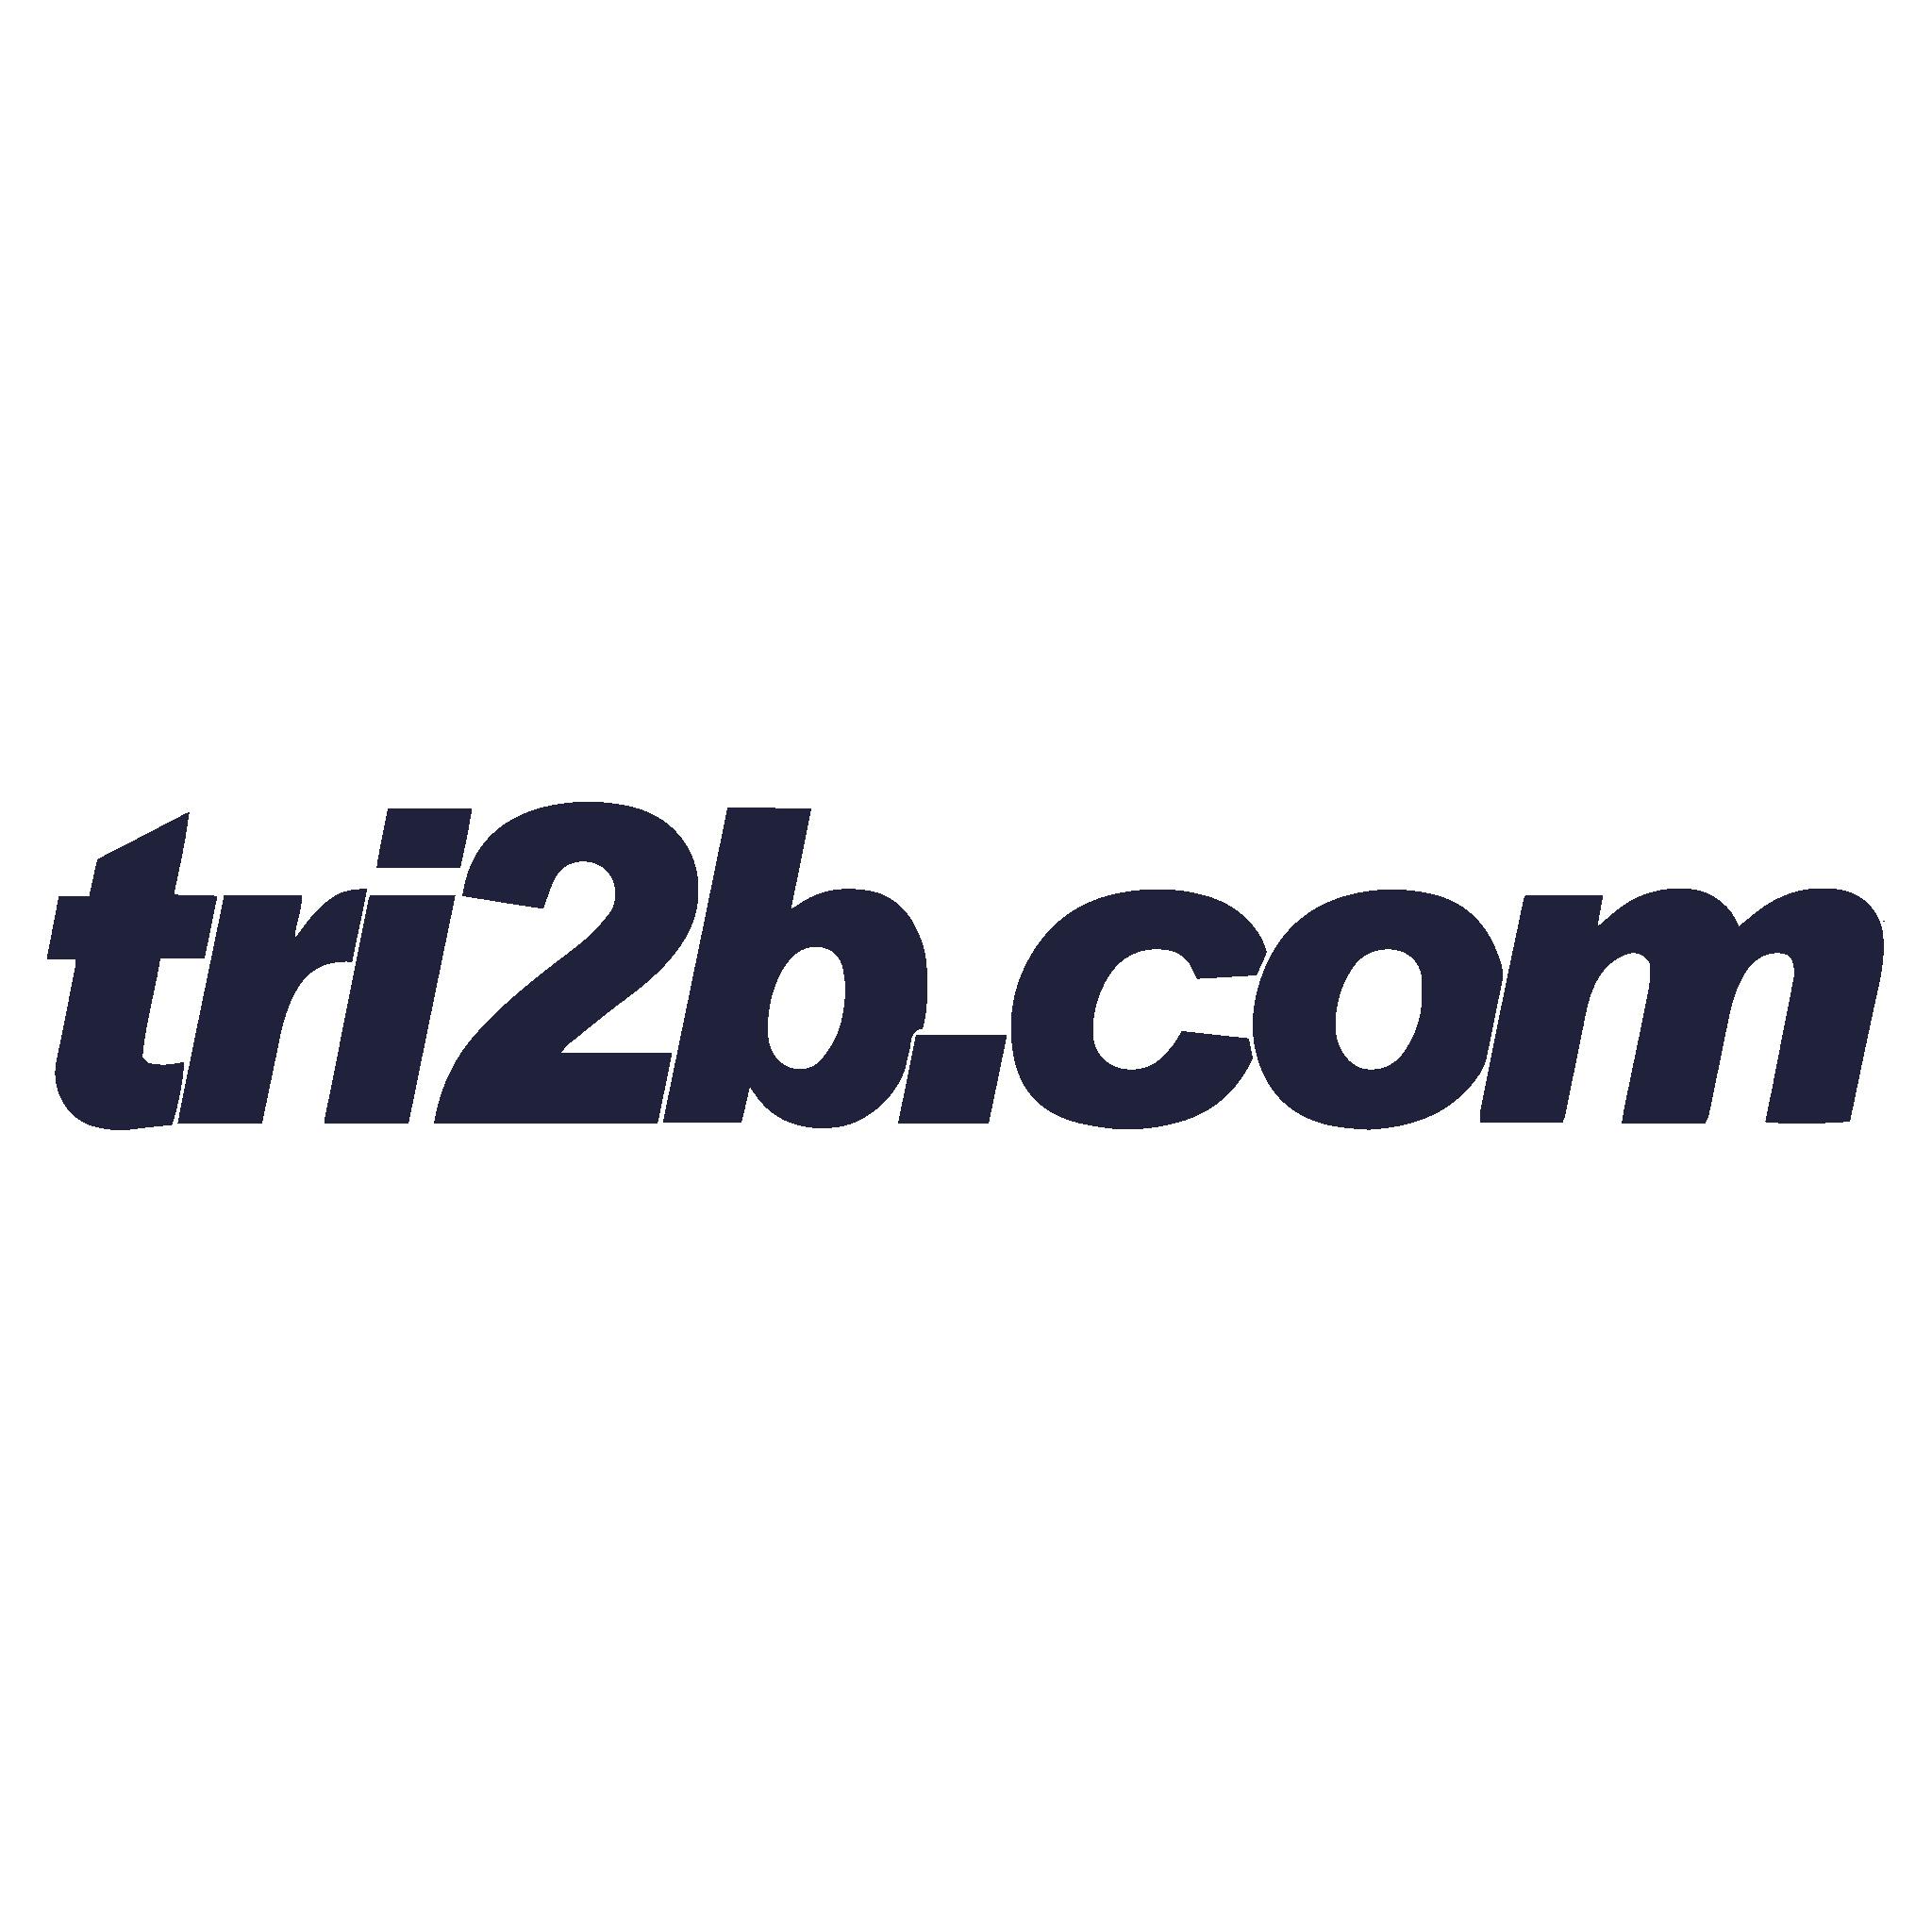 tri2b